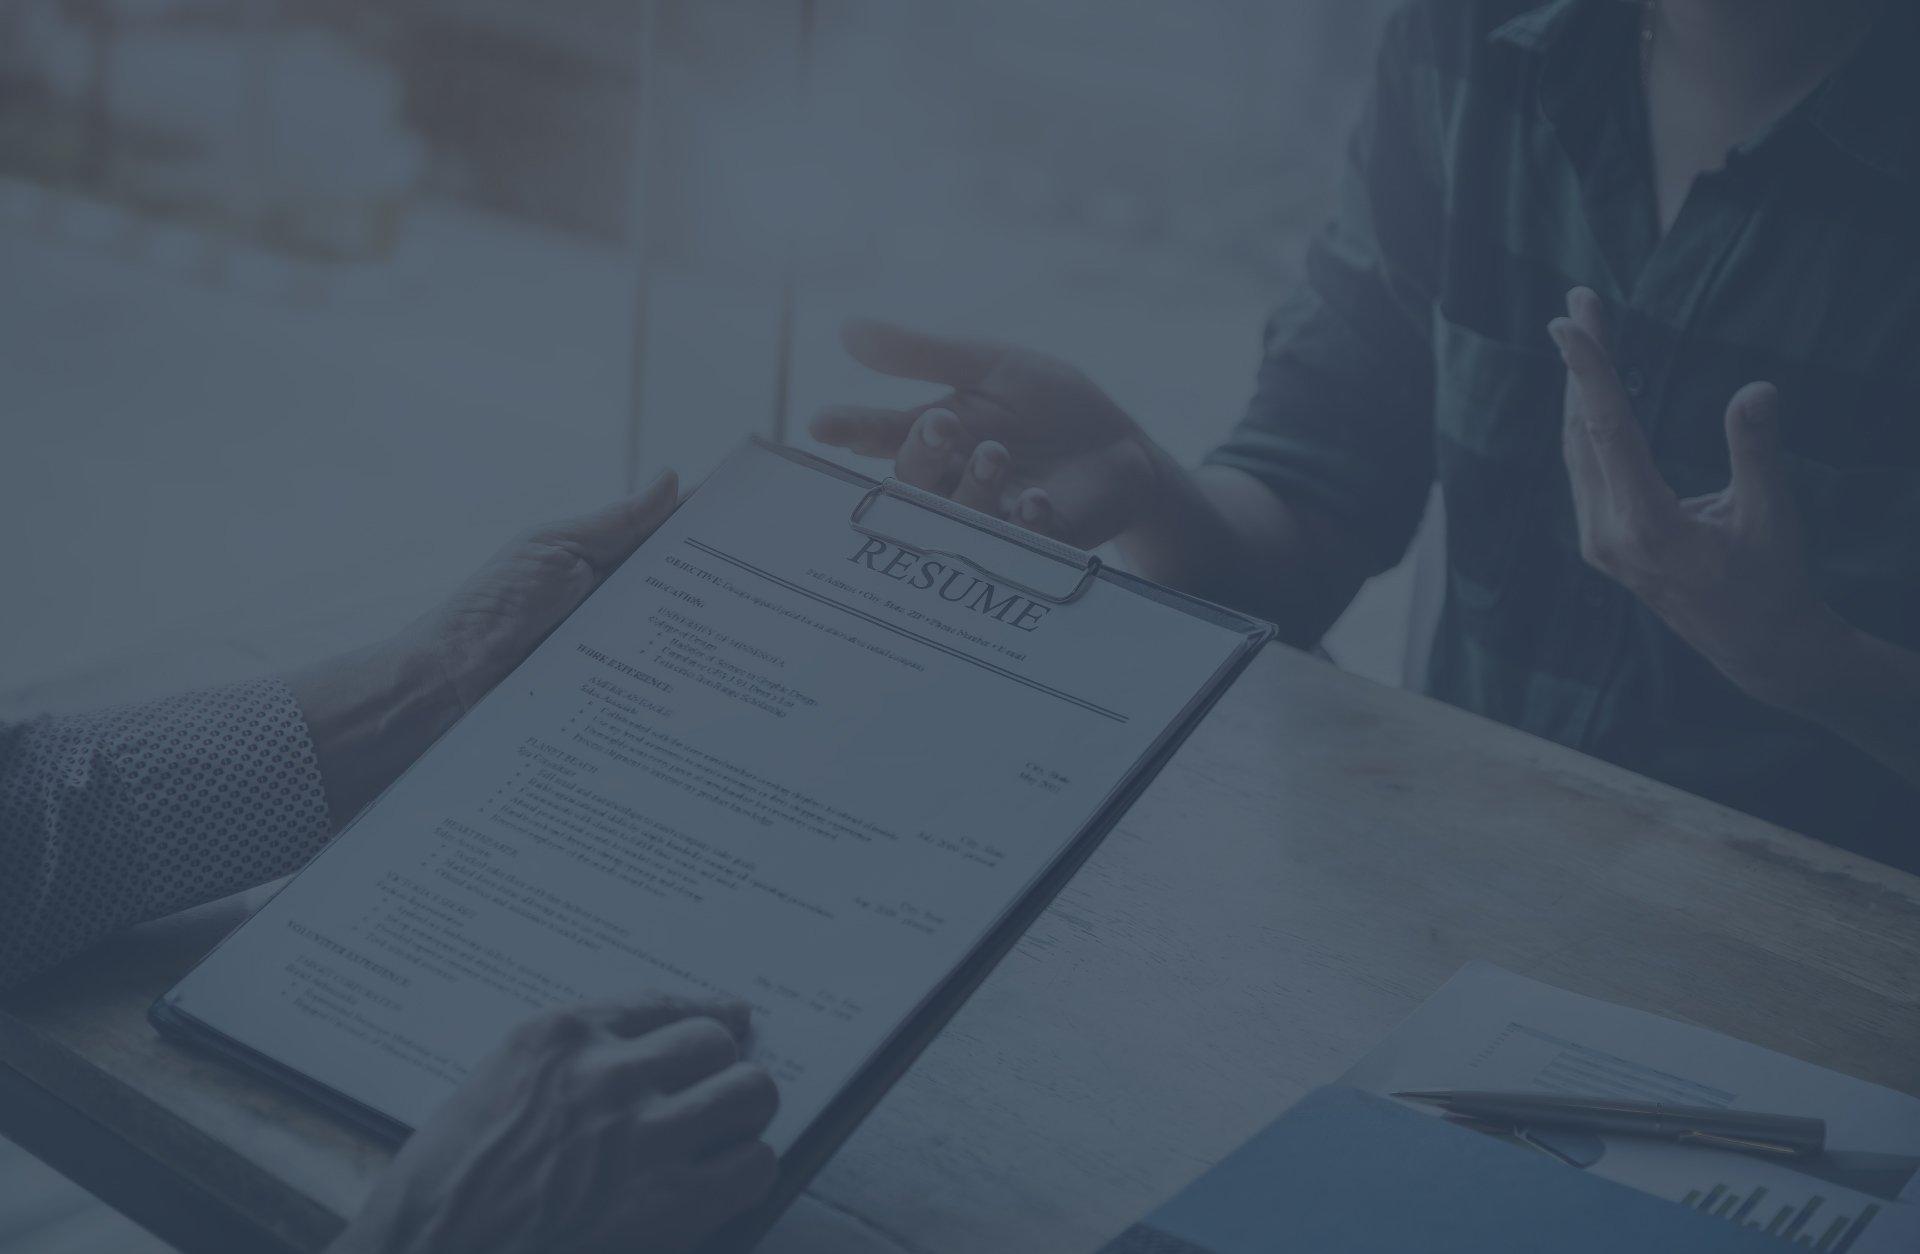 Resume Writting_Desktop